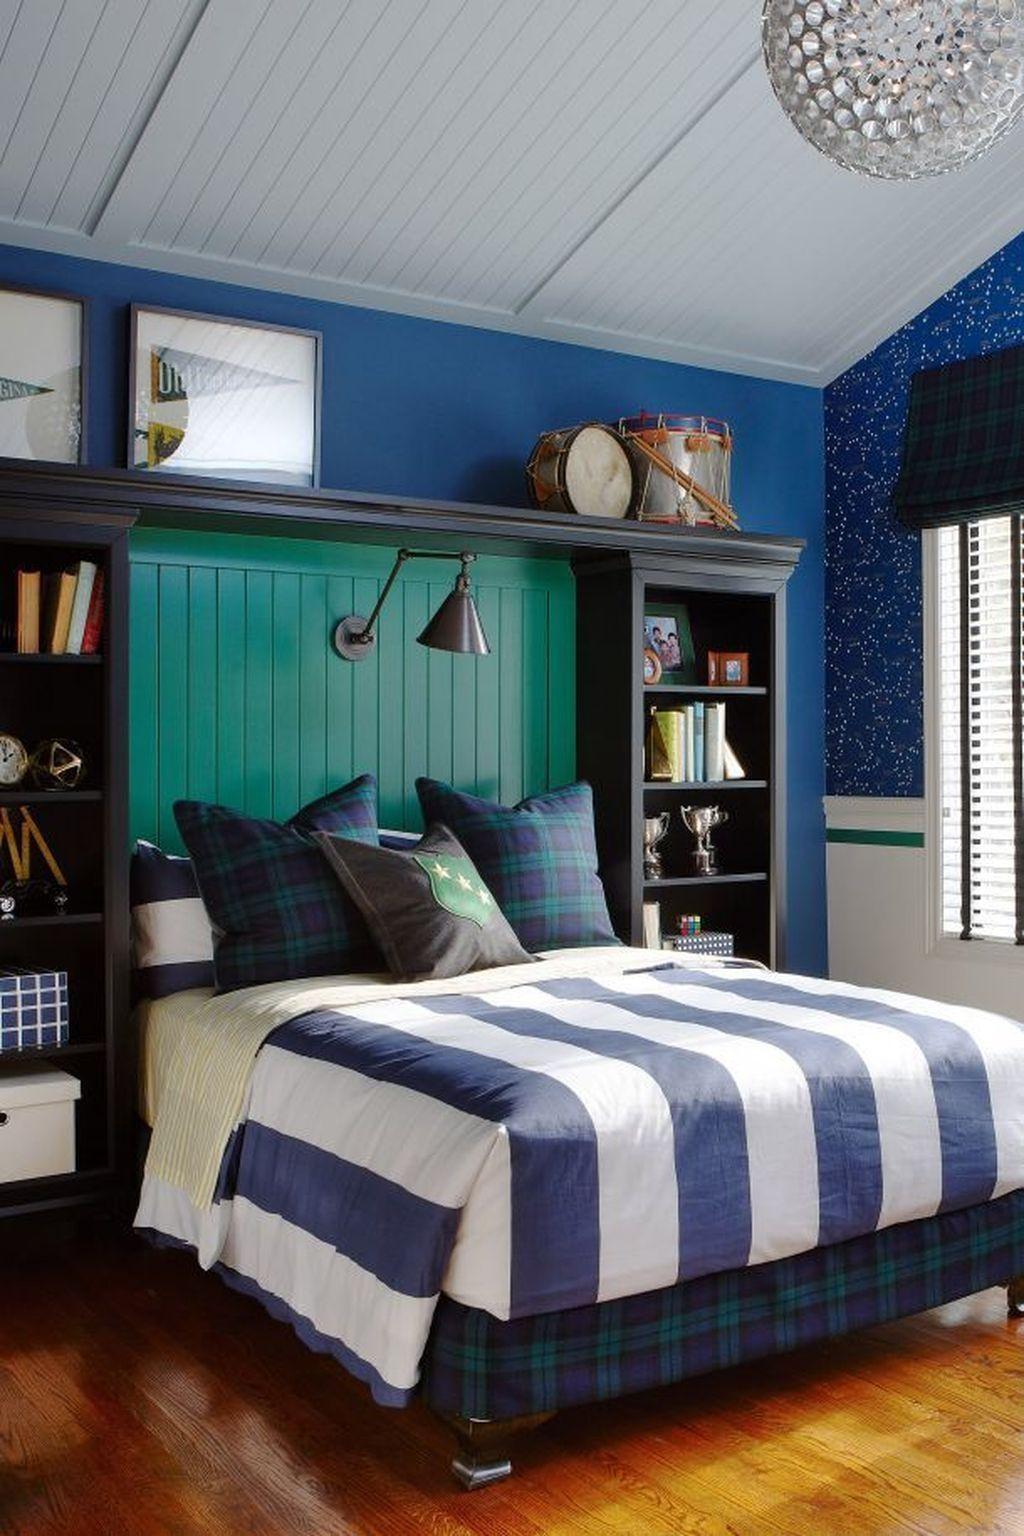 Cool 20+ Awesome Teenage Boys Bedroom Design Ideas. More ... on Trendy Teenage Room Decor  id=61242